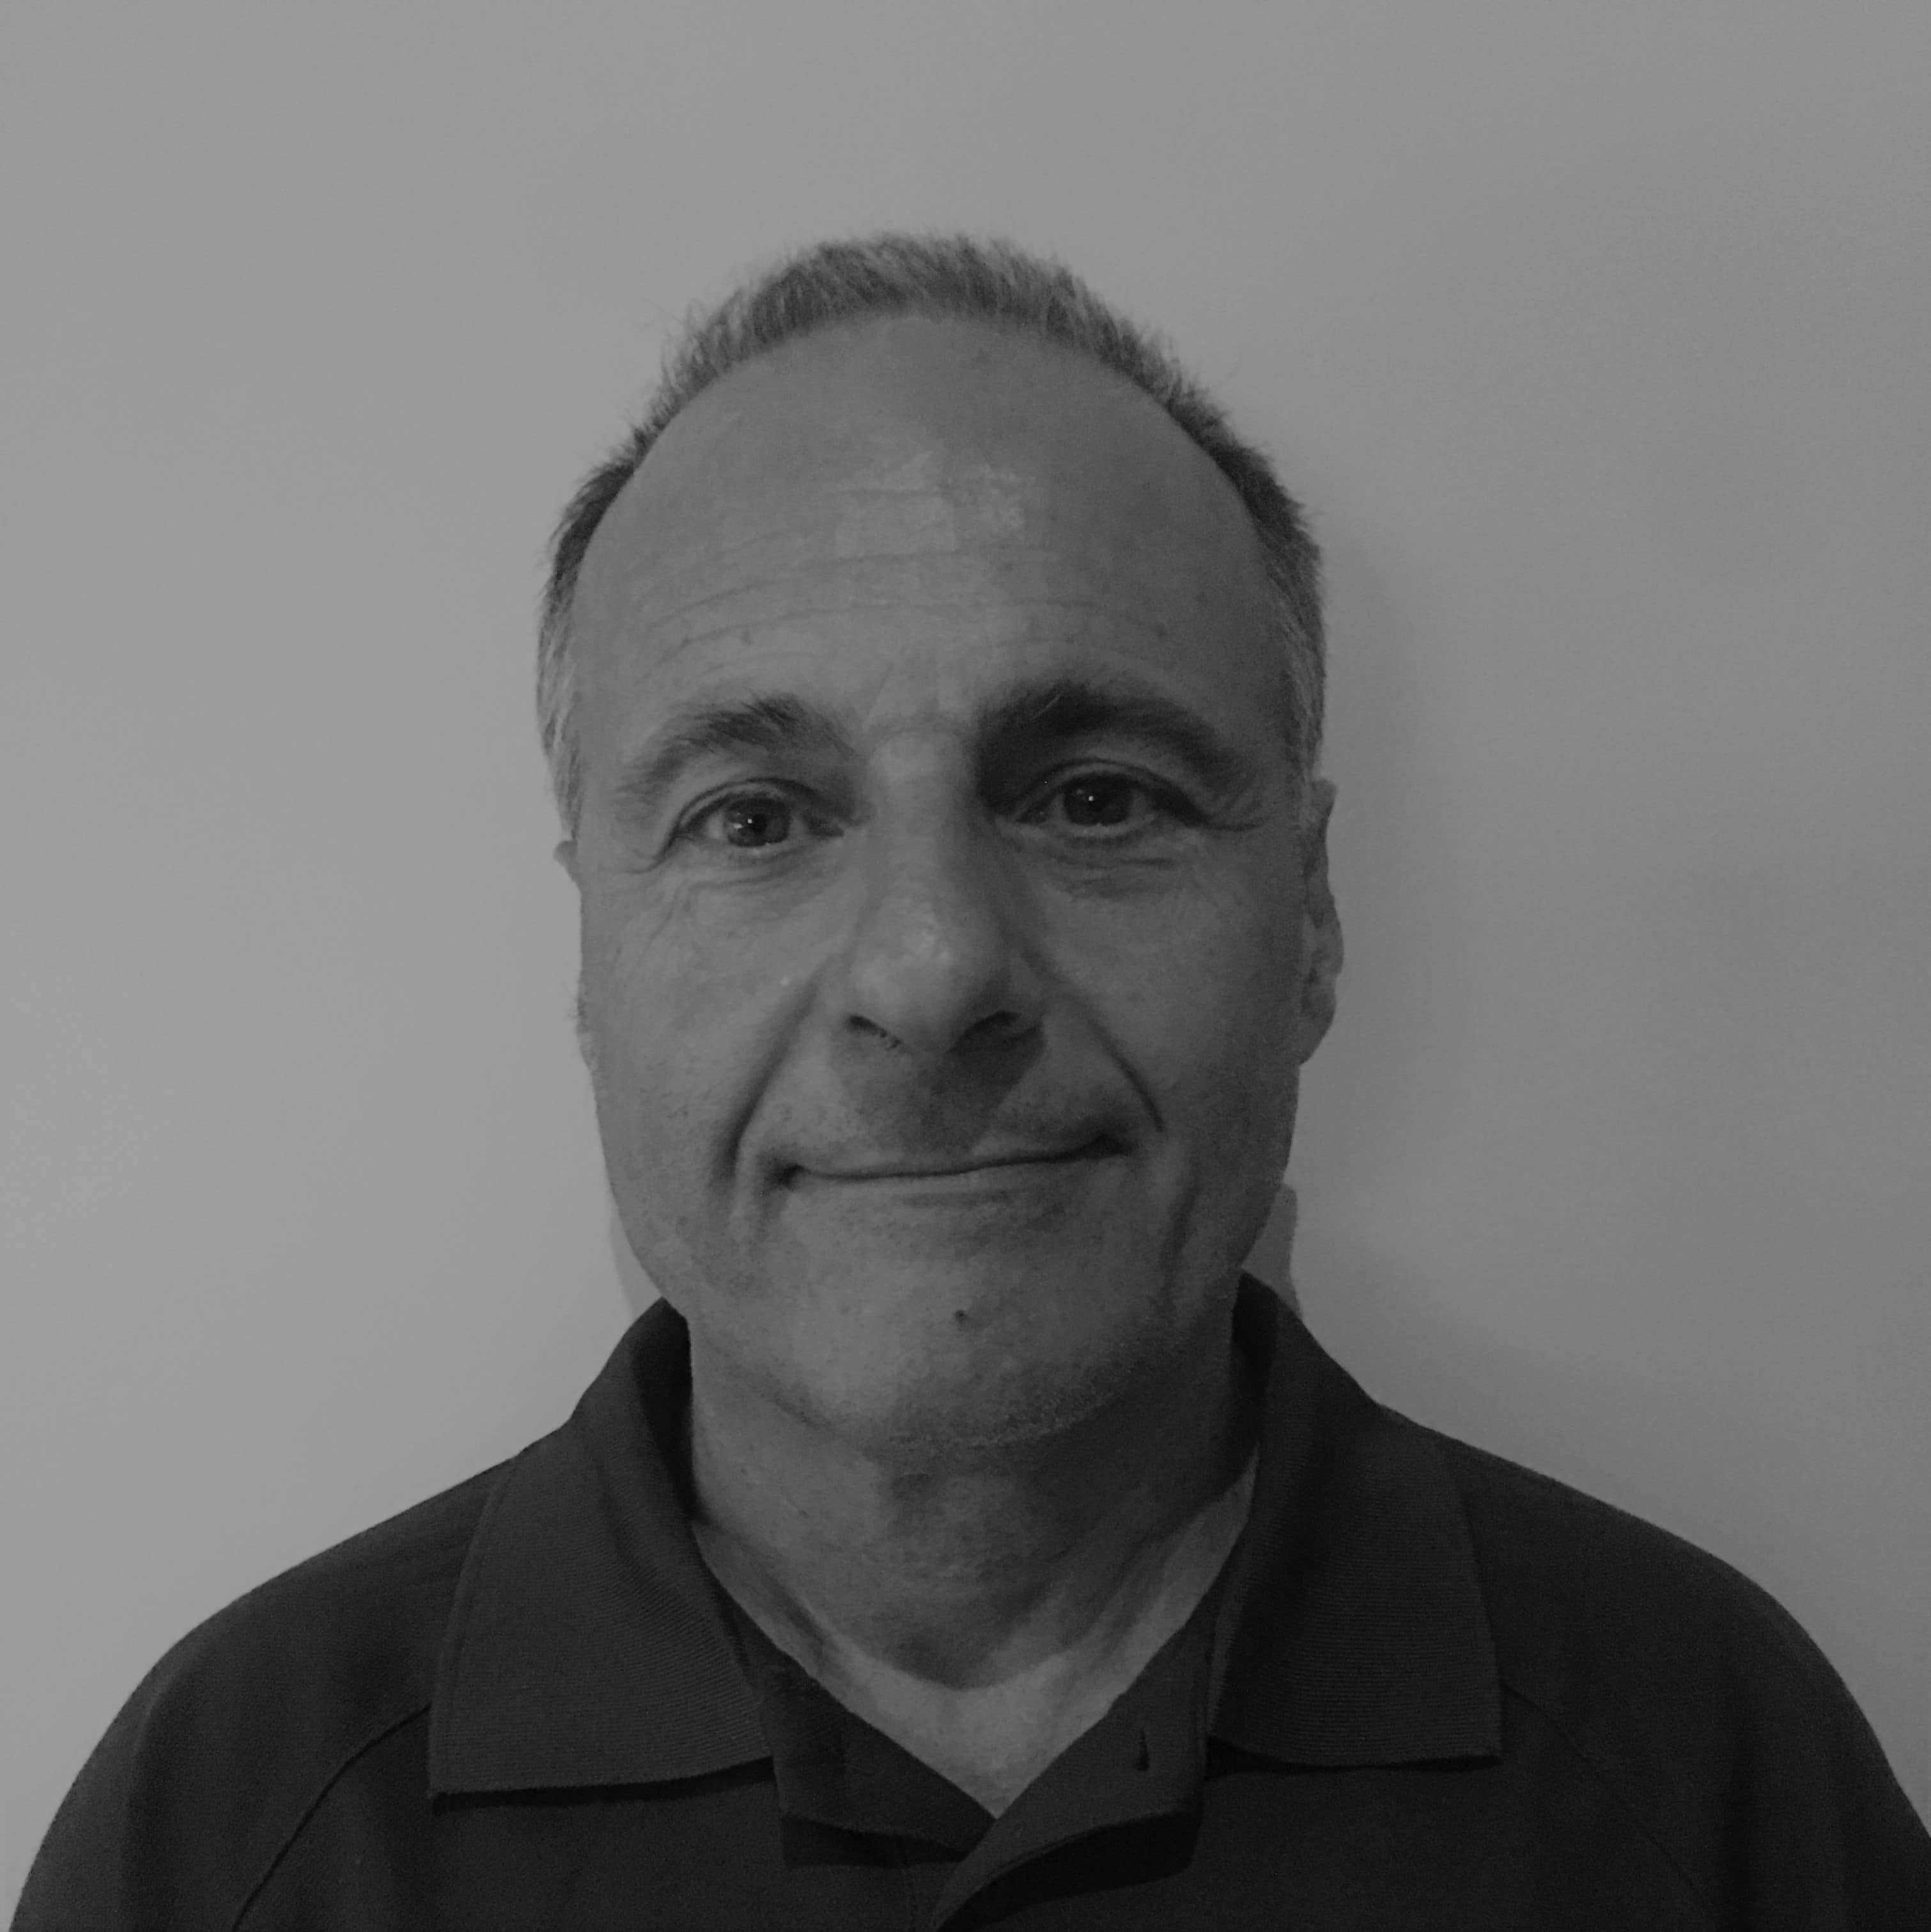 Steve Carboni